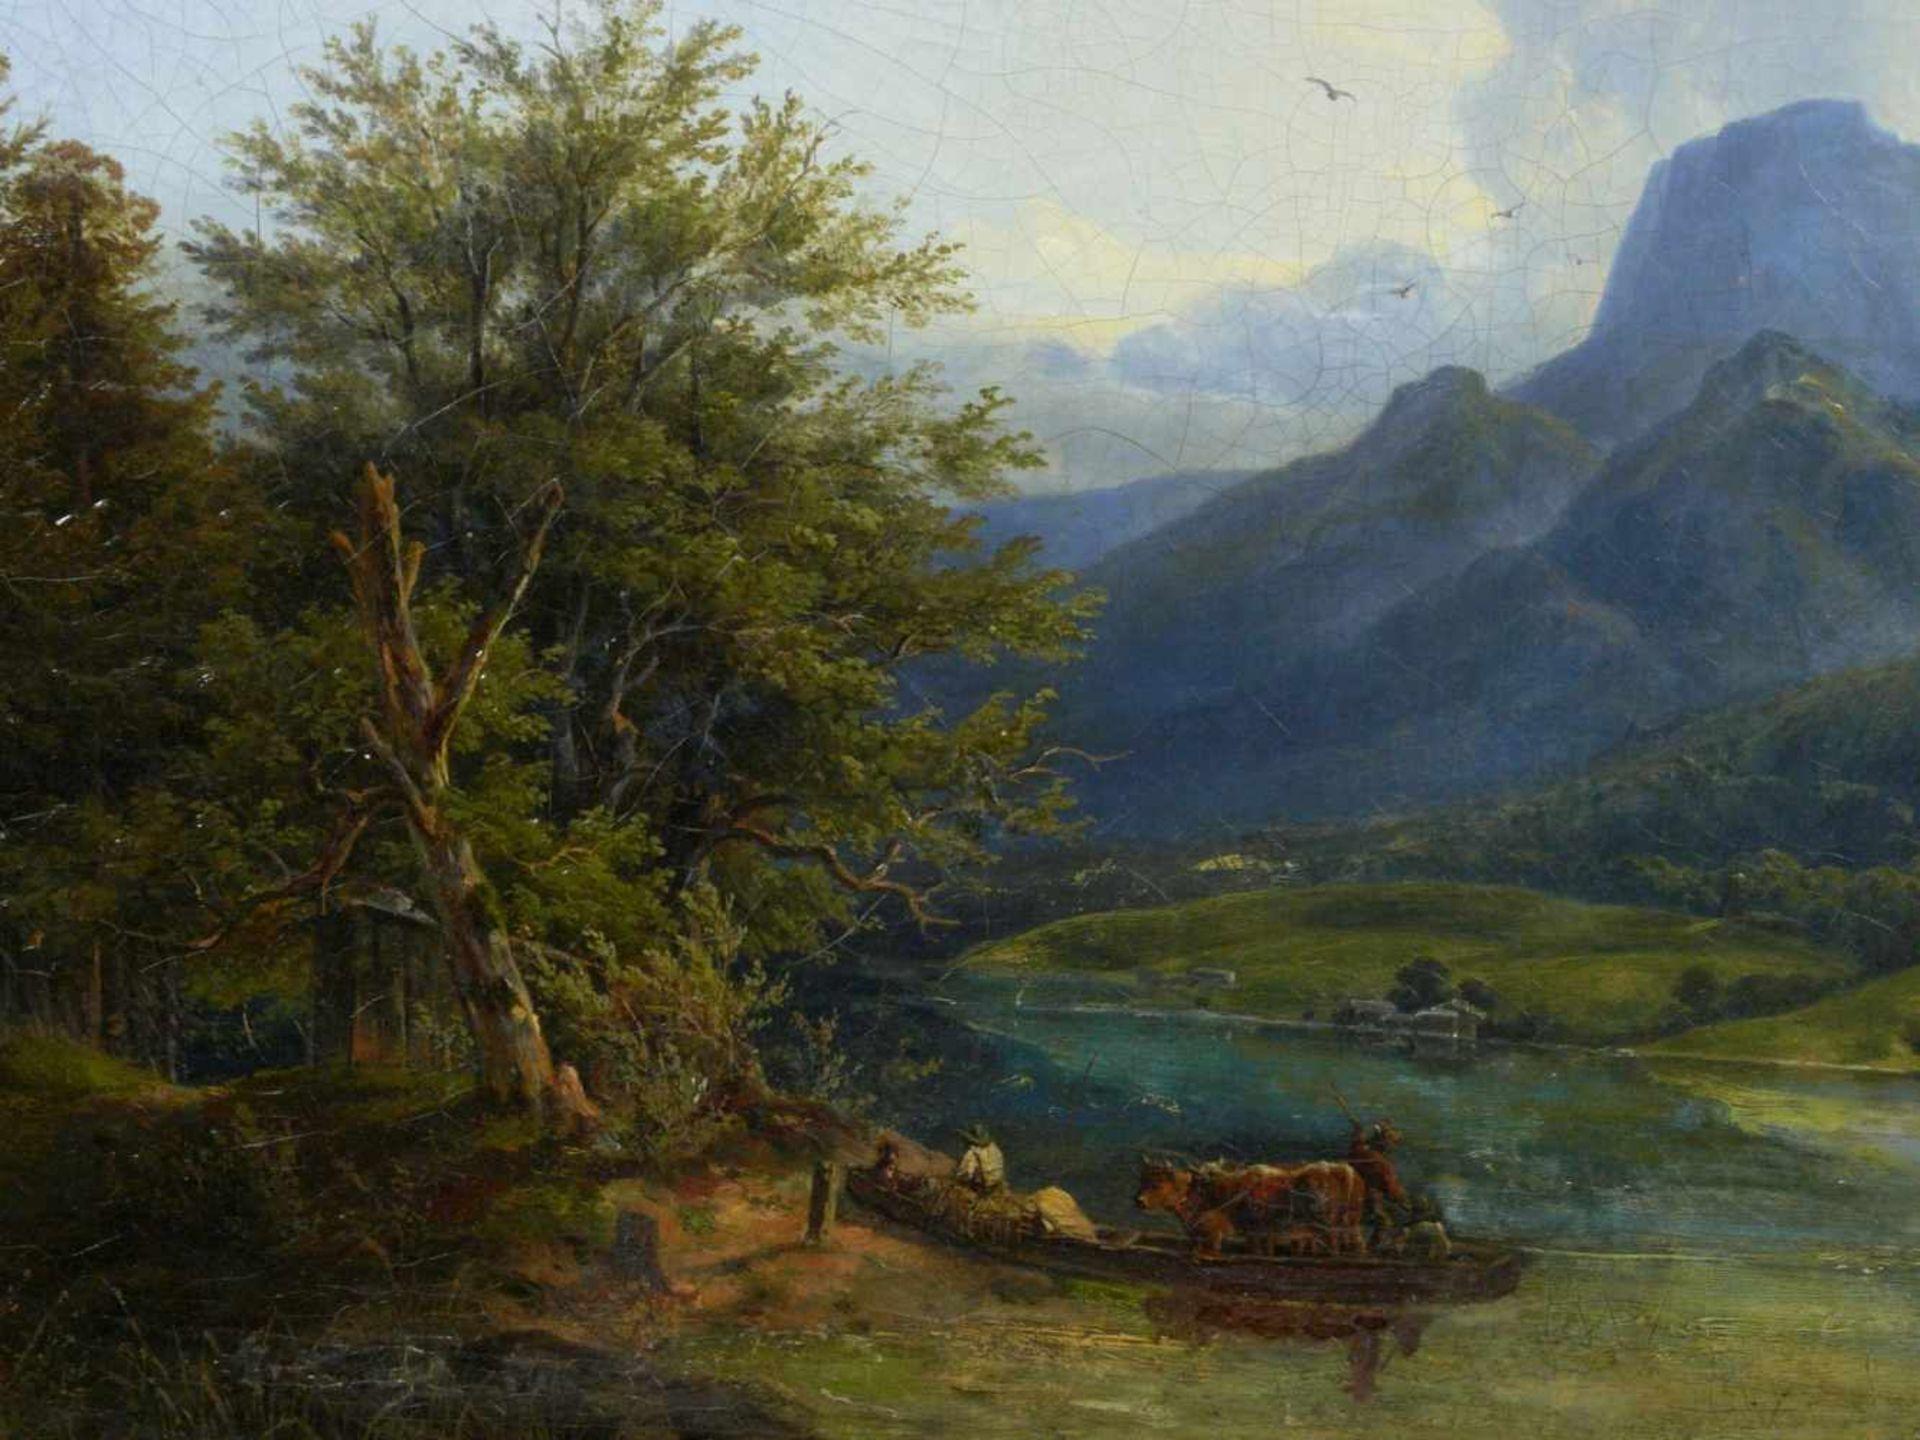 Ott, Johann Nepomuk (1804 - 1870) - Der Hintersee bei Berchtesgaden 1842Landschaftliche - Bild 6 aus 6